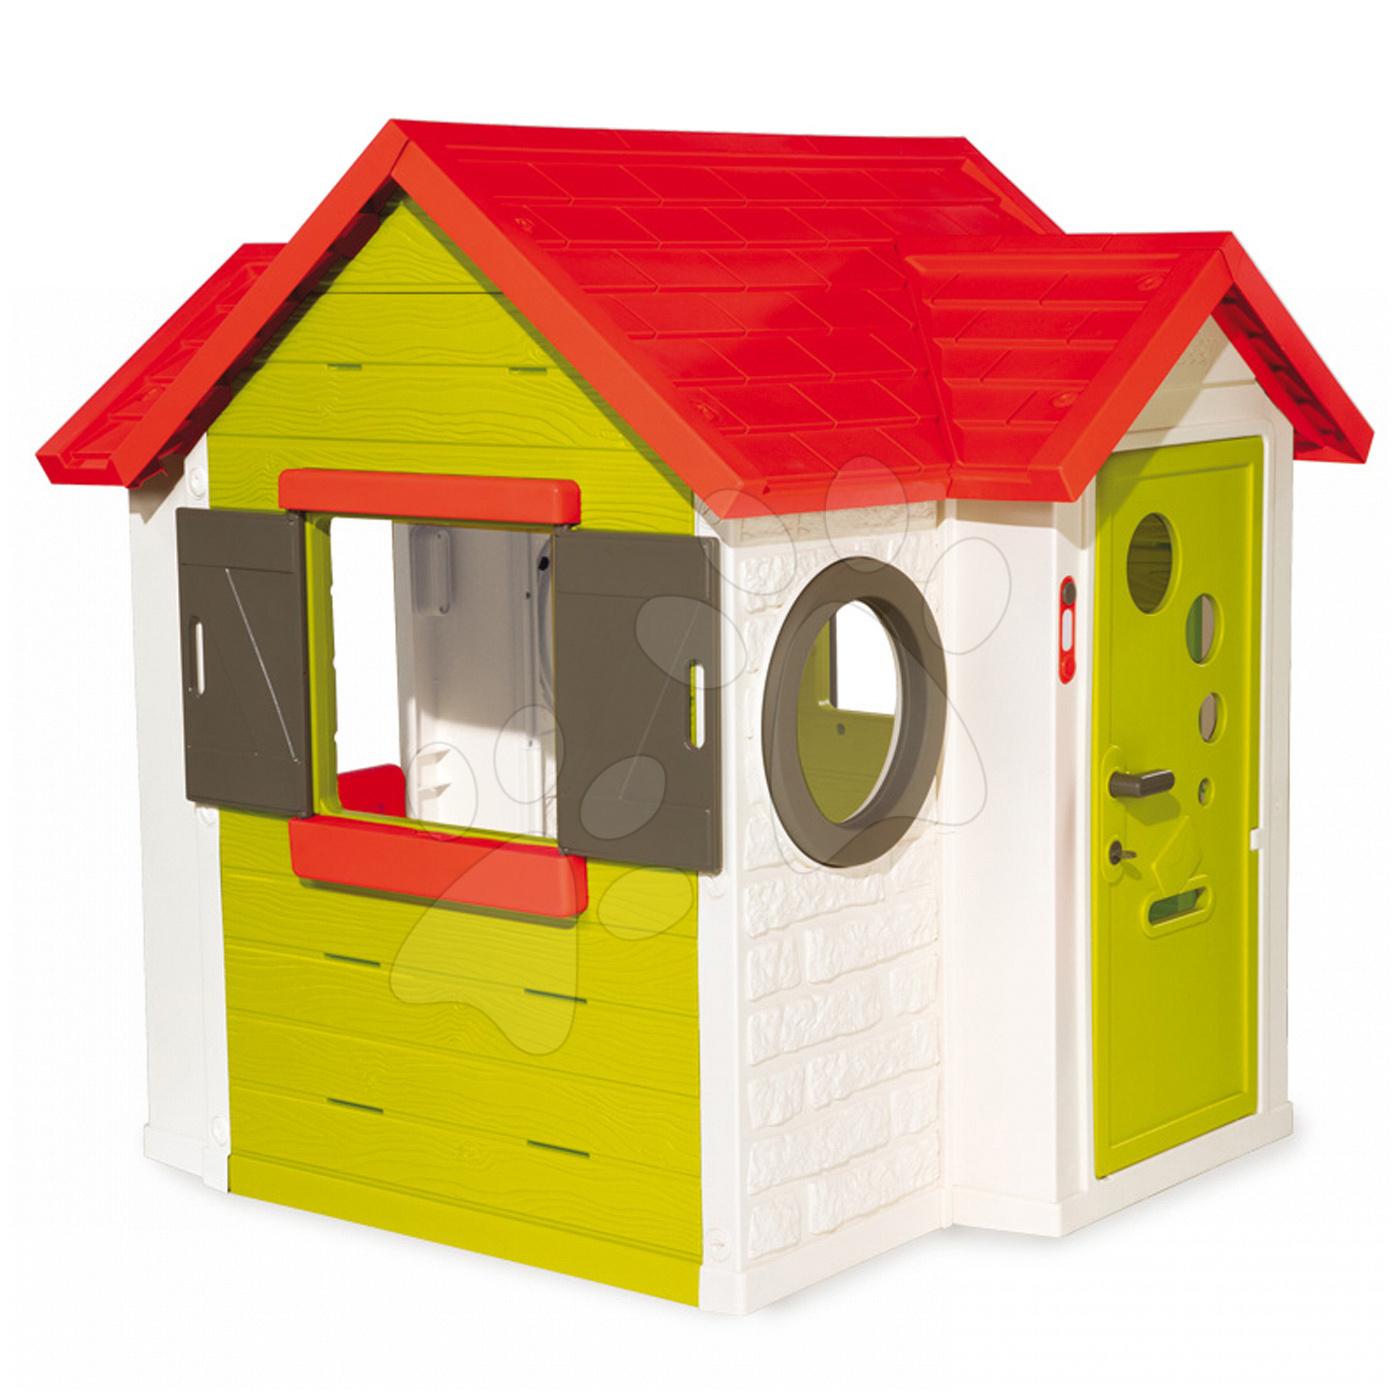 d tsk dome ek se zvonkem smoby my house. Black Bedroom Furniture Sets. Home Design Ideas